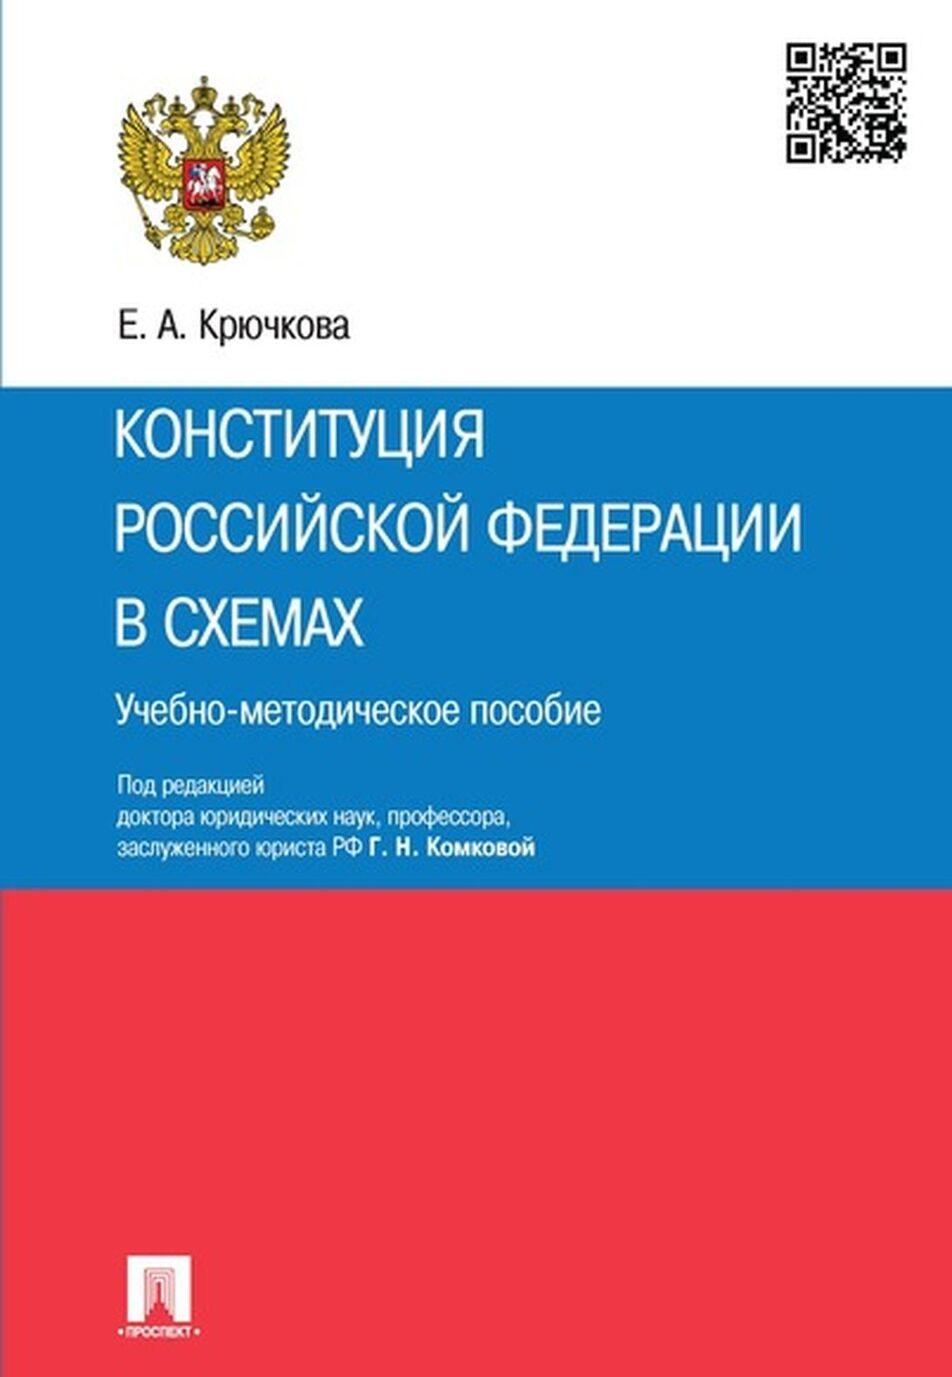 Konstitutsija Rossijskoj Federatsii v skhemakh. Uchebno-metodicheskoe posobie